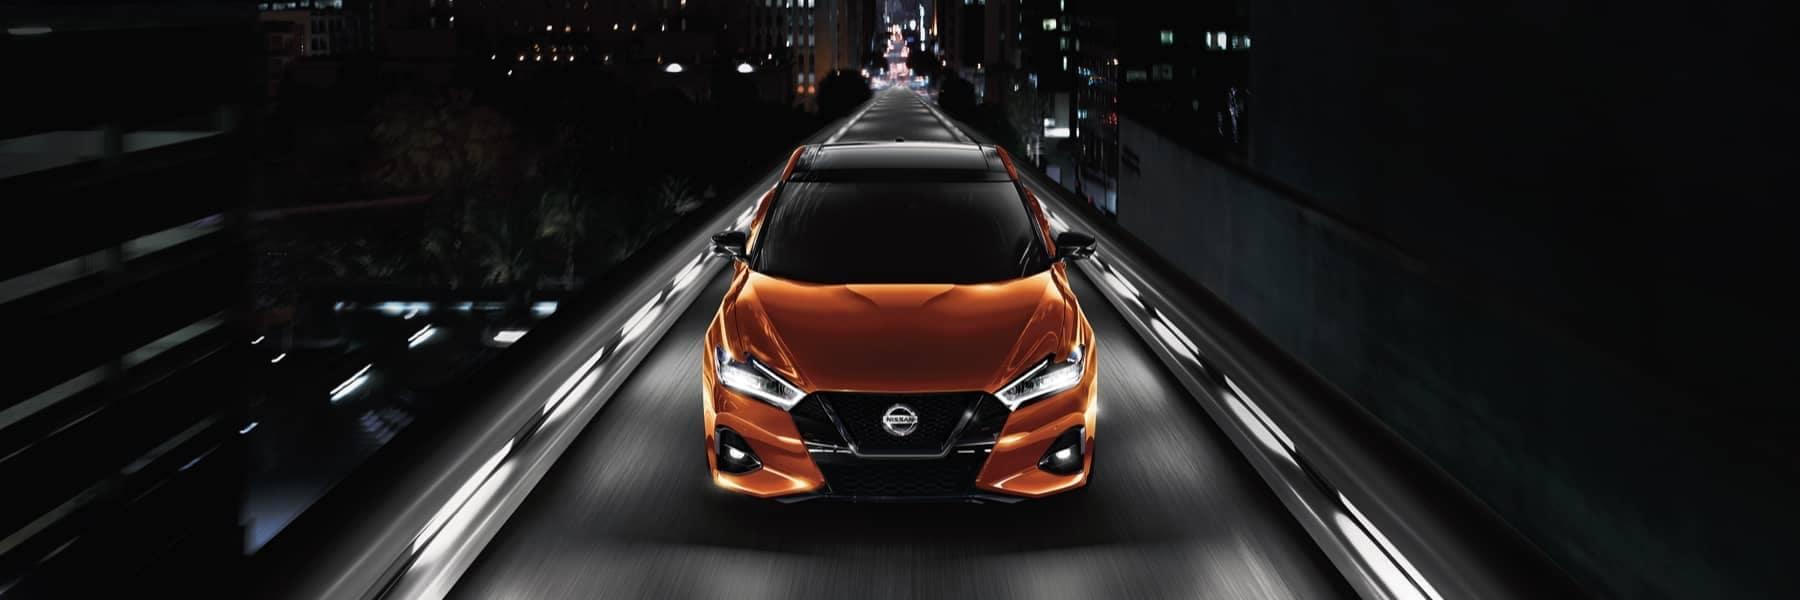 Nissan orange sedan hero-bg